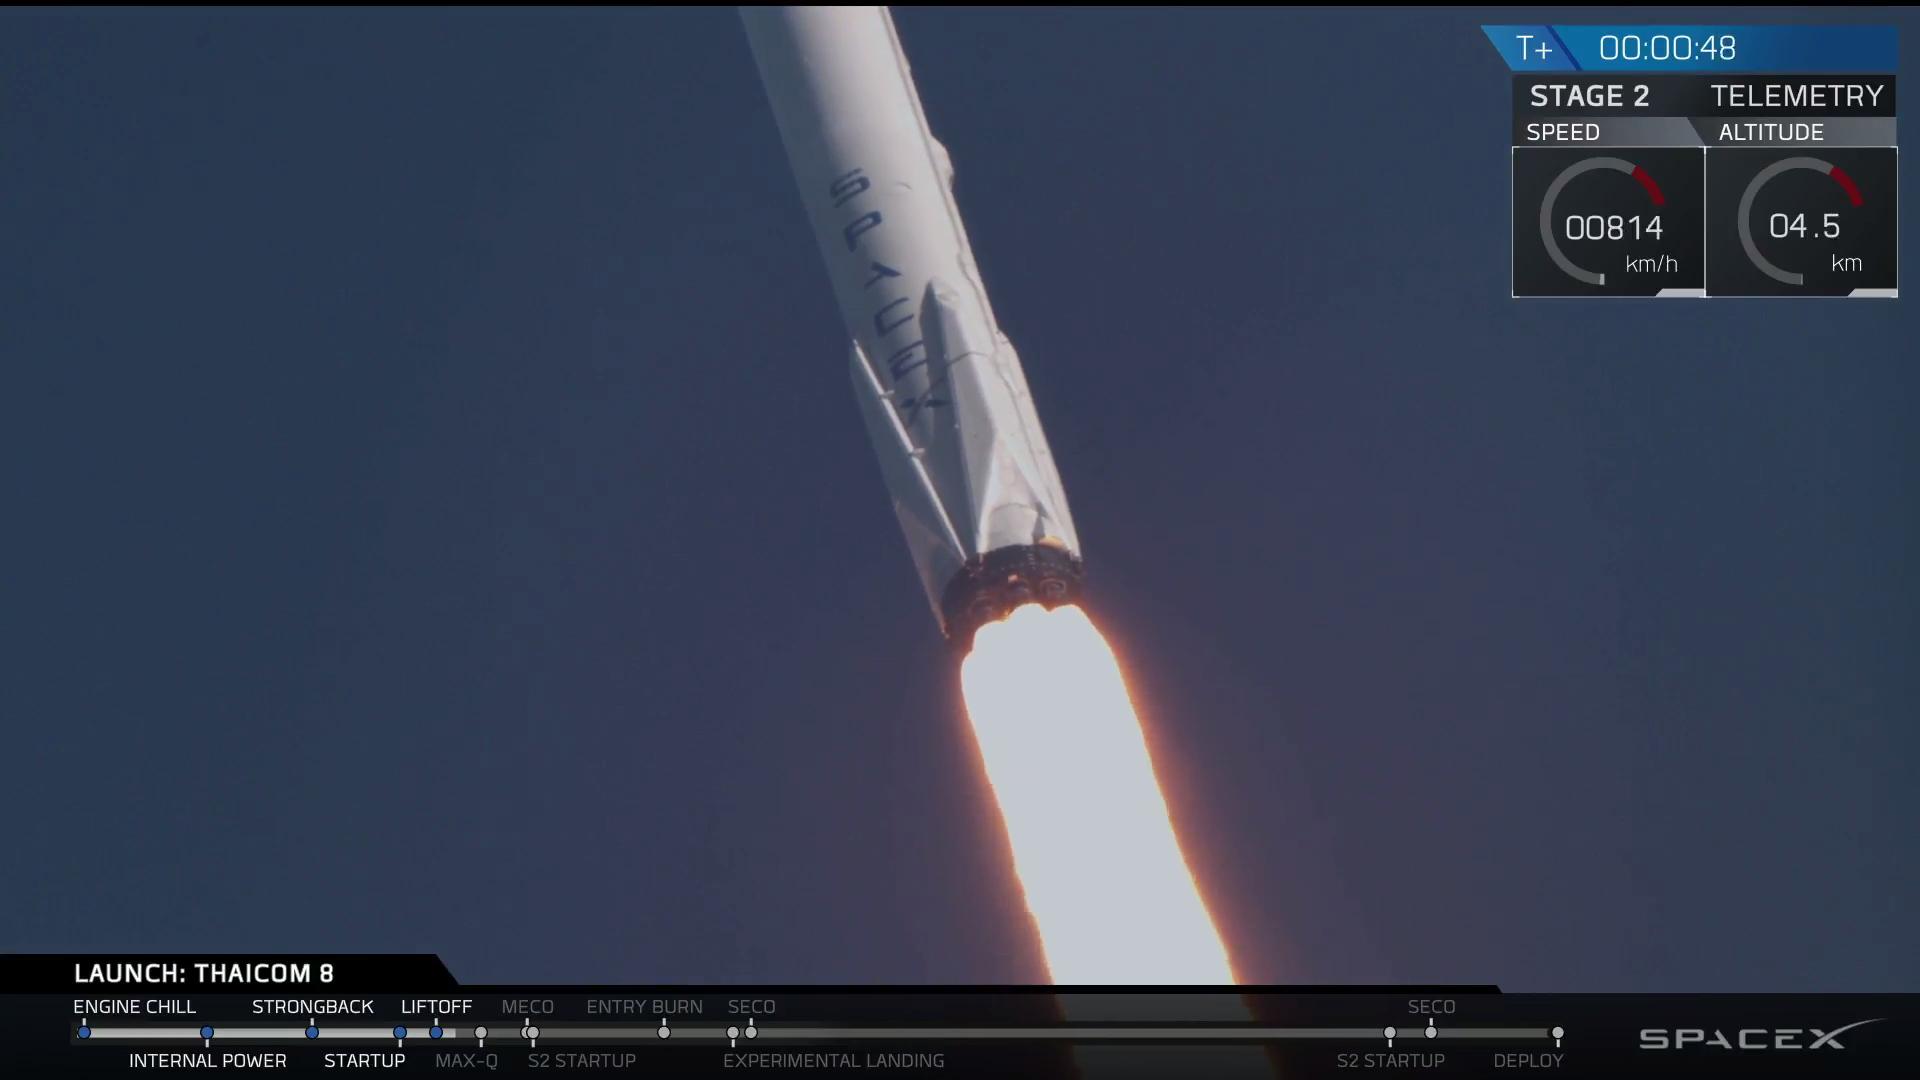 I nove motori Merlin 1D del Falcon 9 in azione